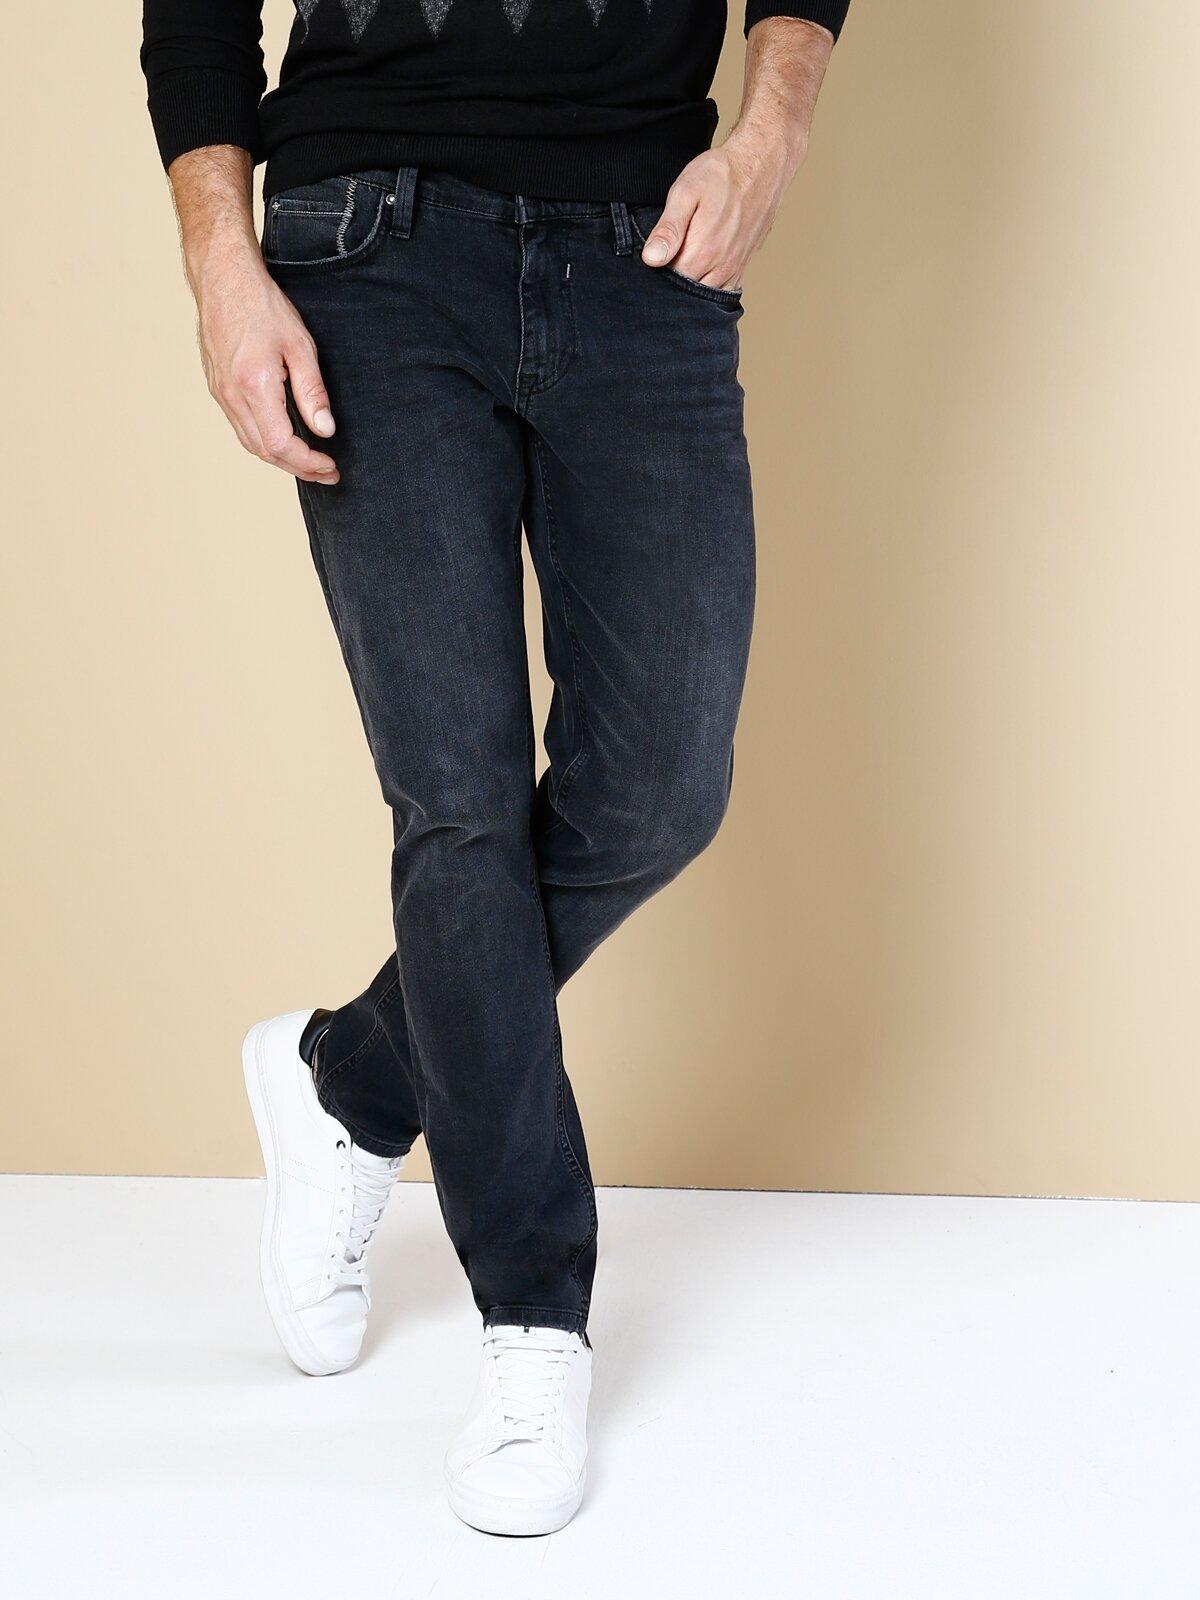 Koyu Gri Erkek Pantolon - Tu00fcm u00dcru00fcnler | Colinu0026#39;s Online Alu0131u015fveriu015f